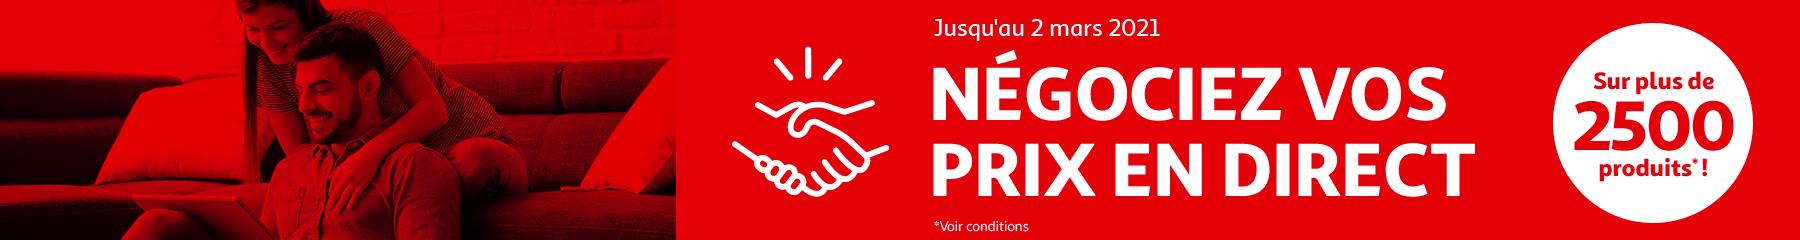 Jusqu'au 2 mars 2021, négociez vos pris en direct sur plus de 2500 produits !